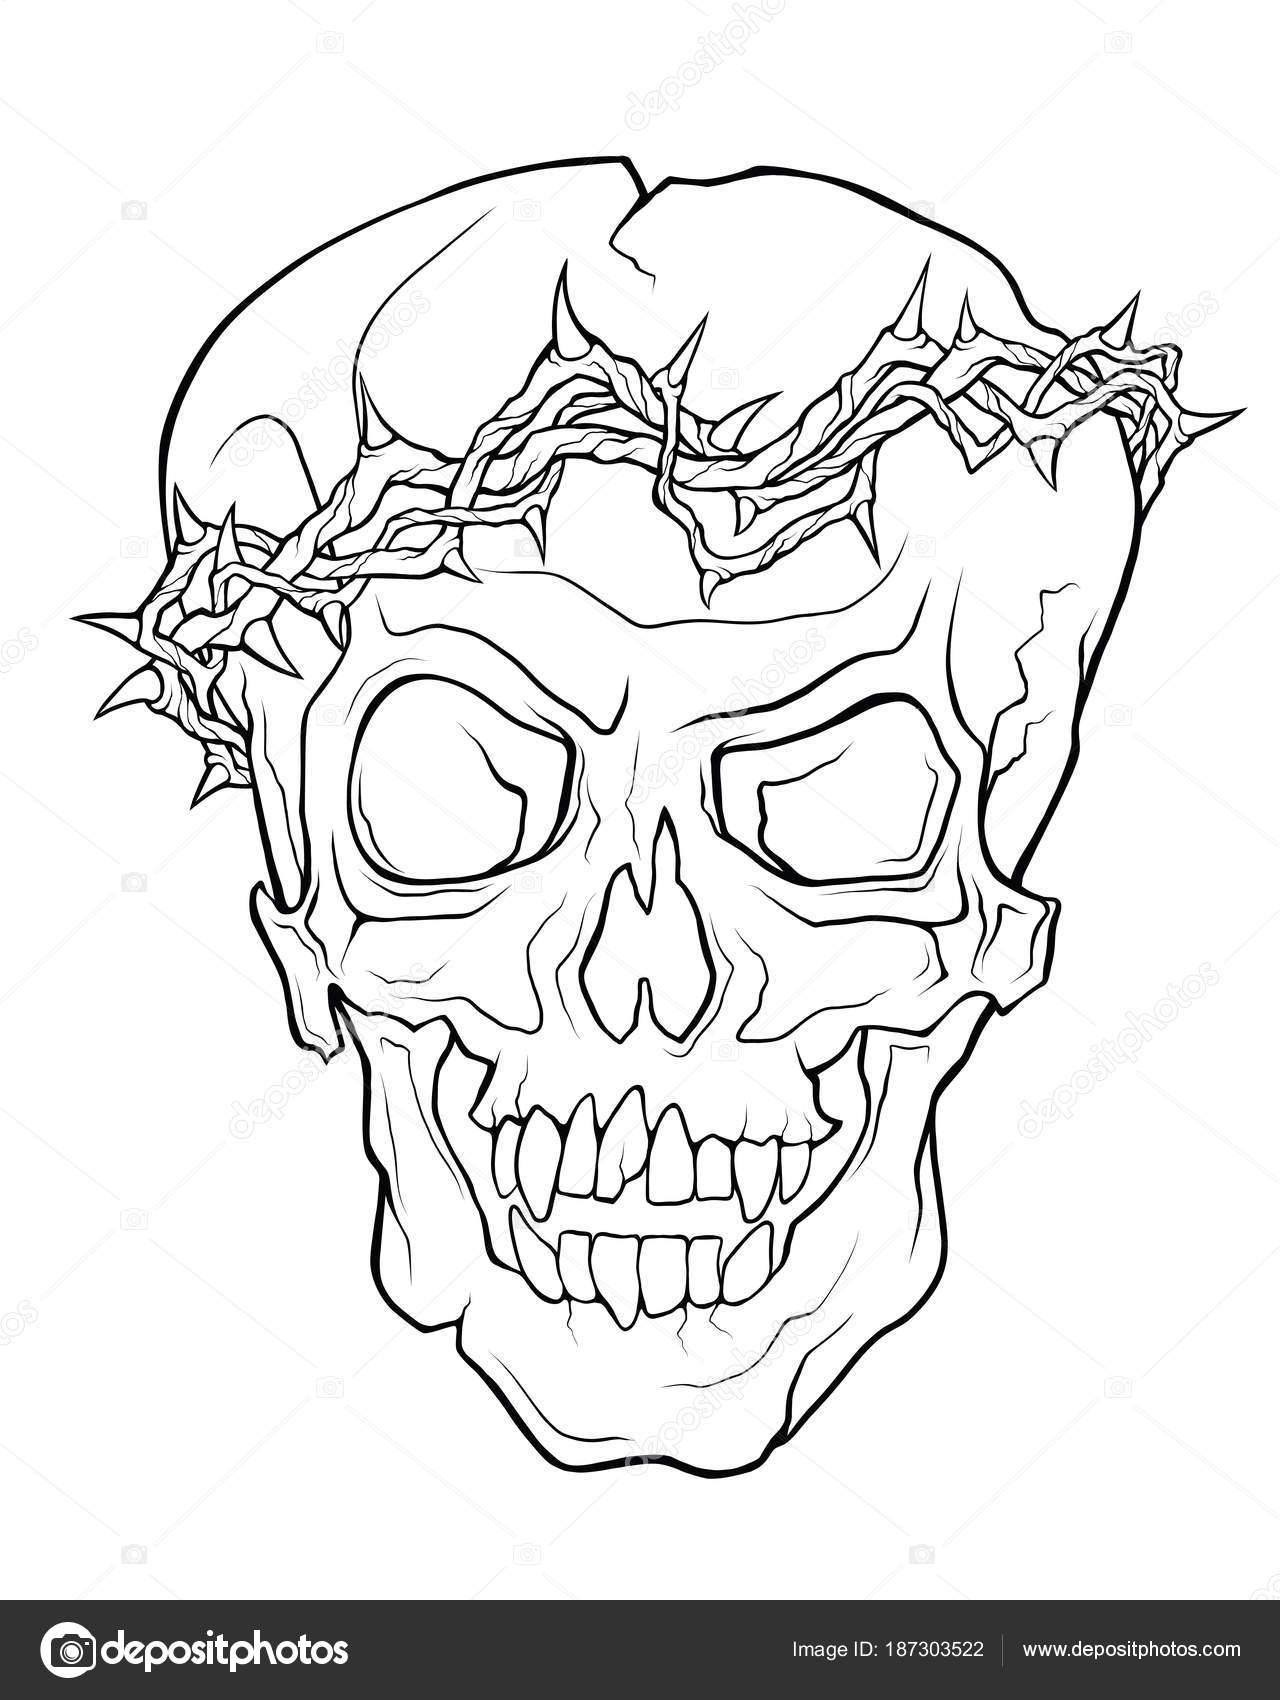 Dibujo De Corona De Espinas Para Imprimir El Cráneo De Un Vampiro